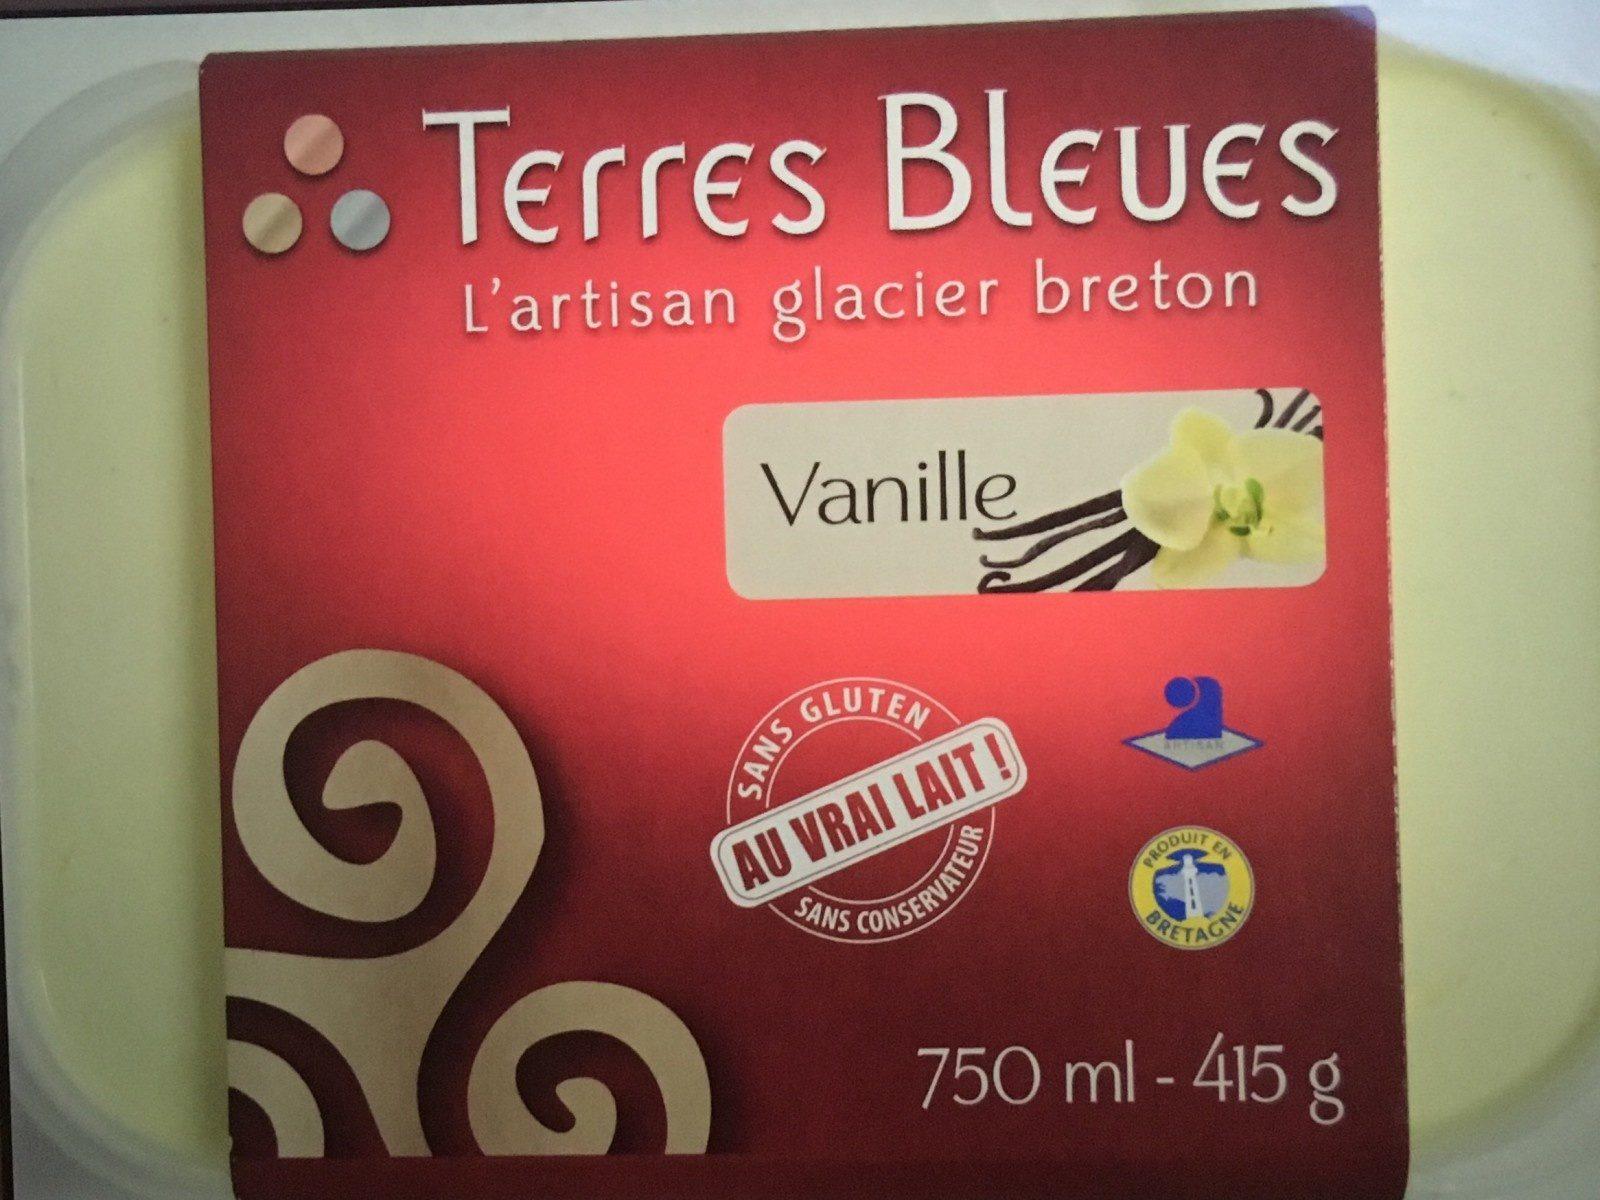 Creme glacee a la vanille TERRES BLEUES - Produit